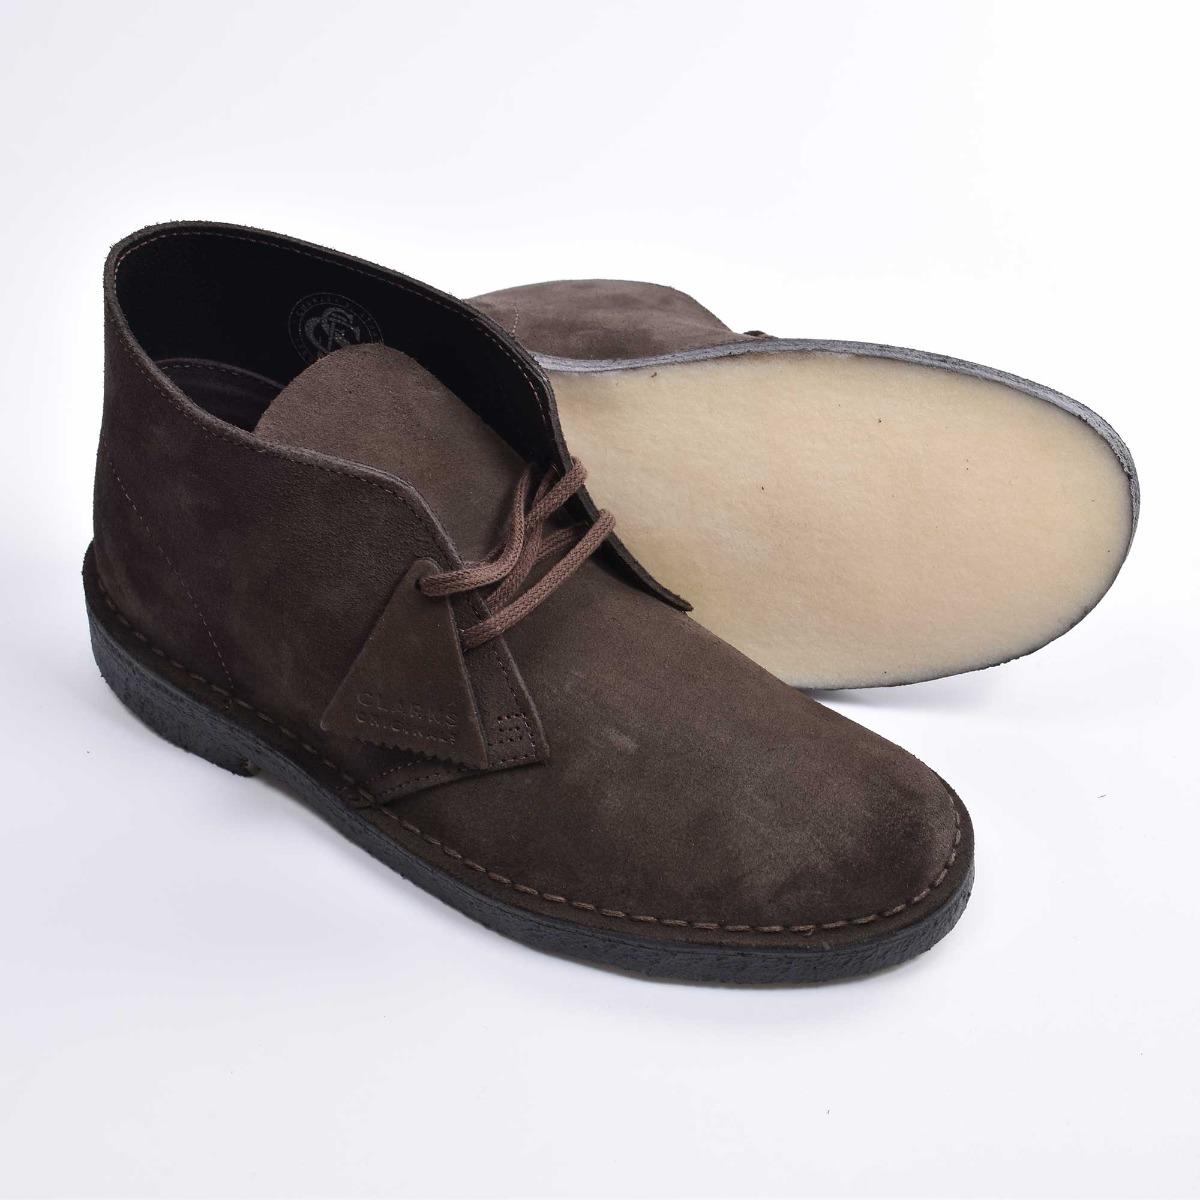 Polacchino desert boot- Marrone